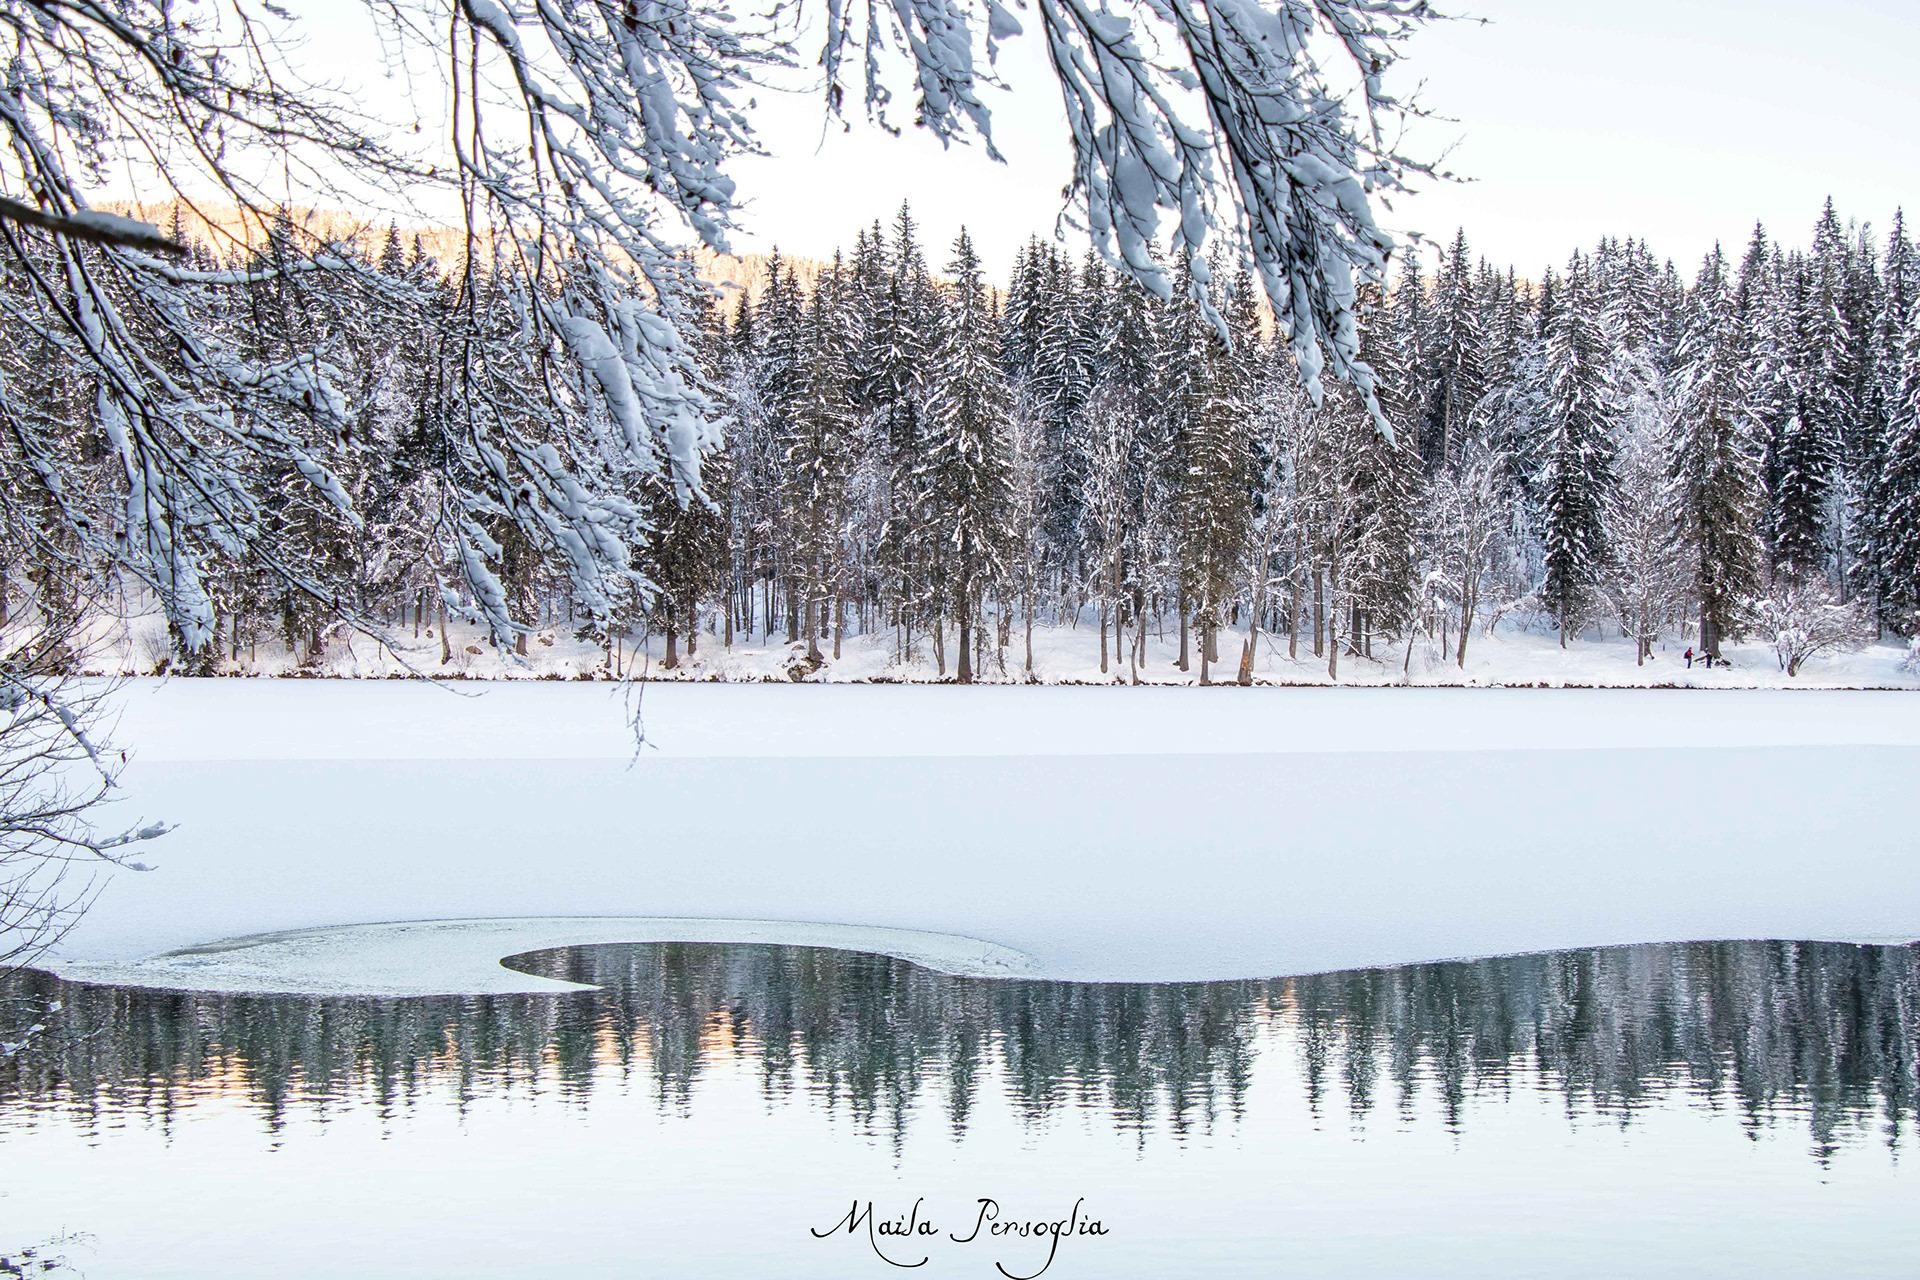 laghi di fusine inverno neve